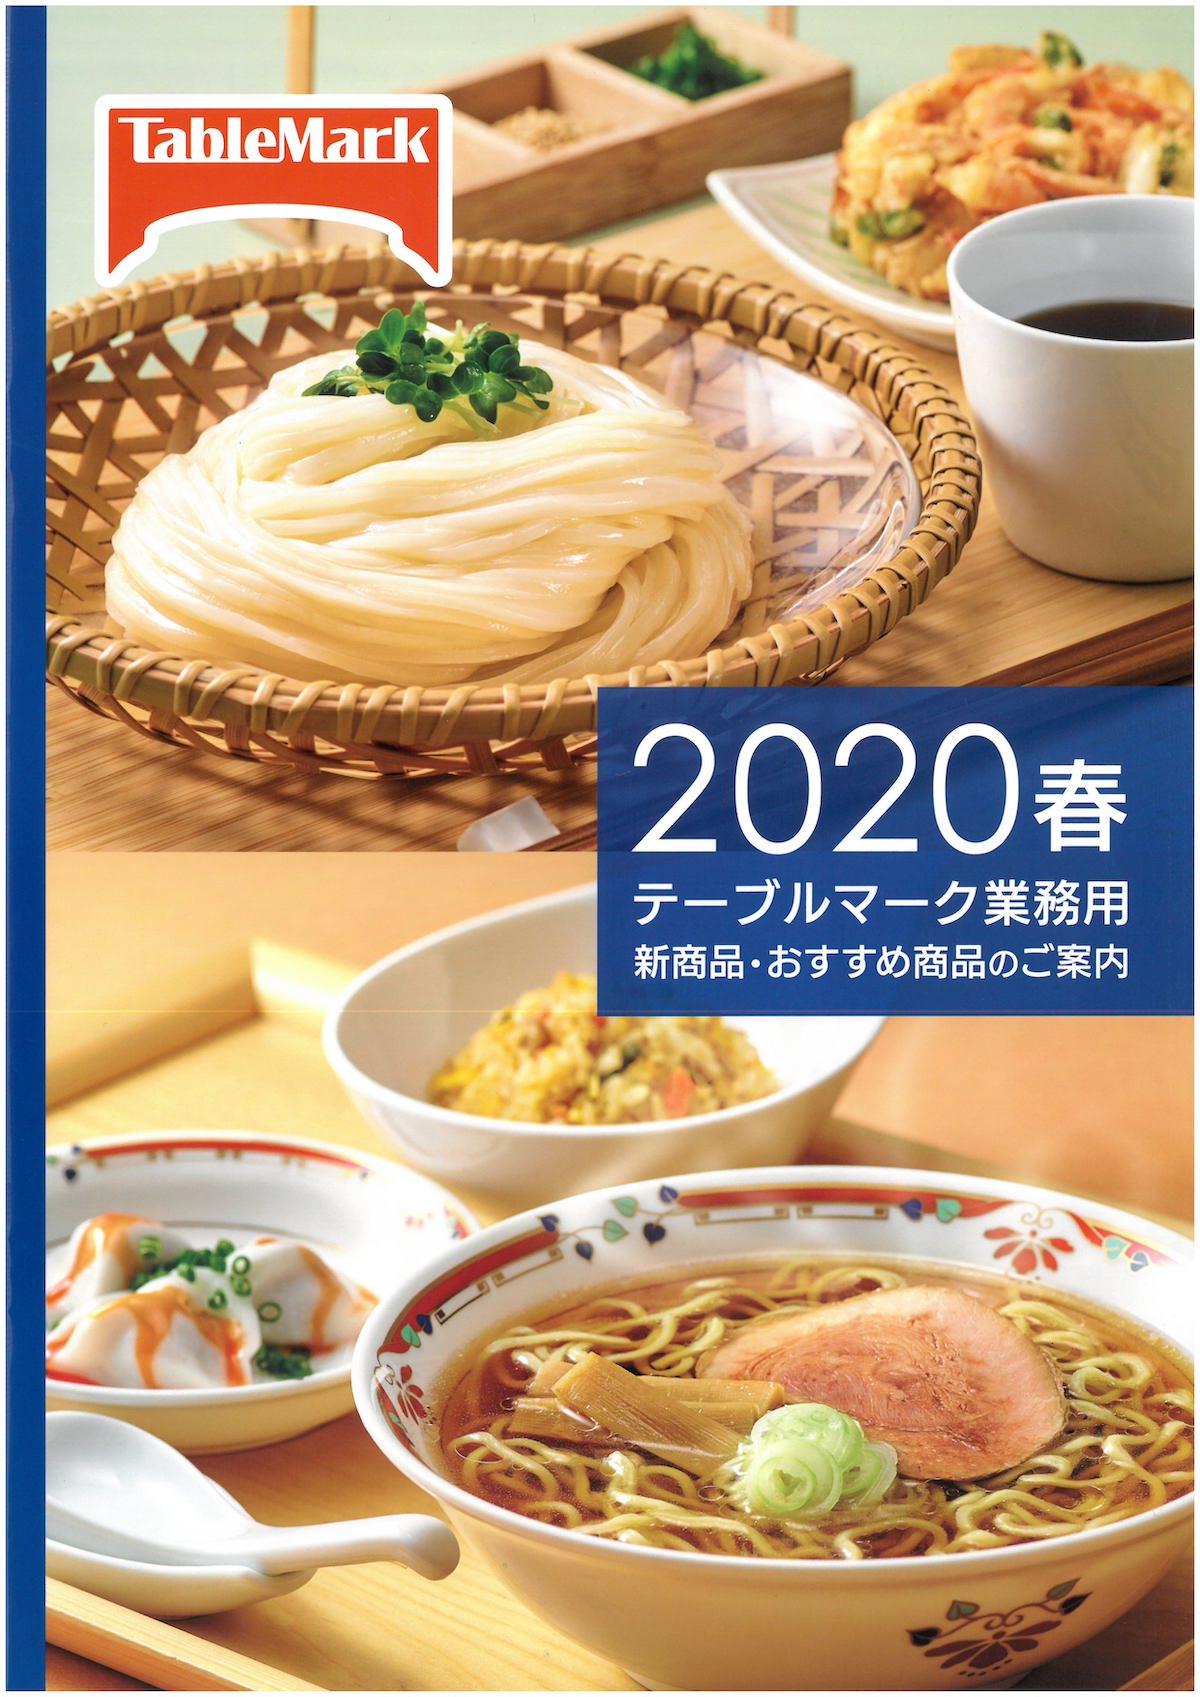 テーブルマーク業務用新商品・おすすめ商品のご案内 2020春